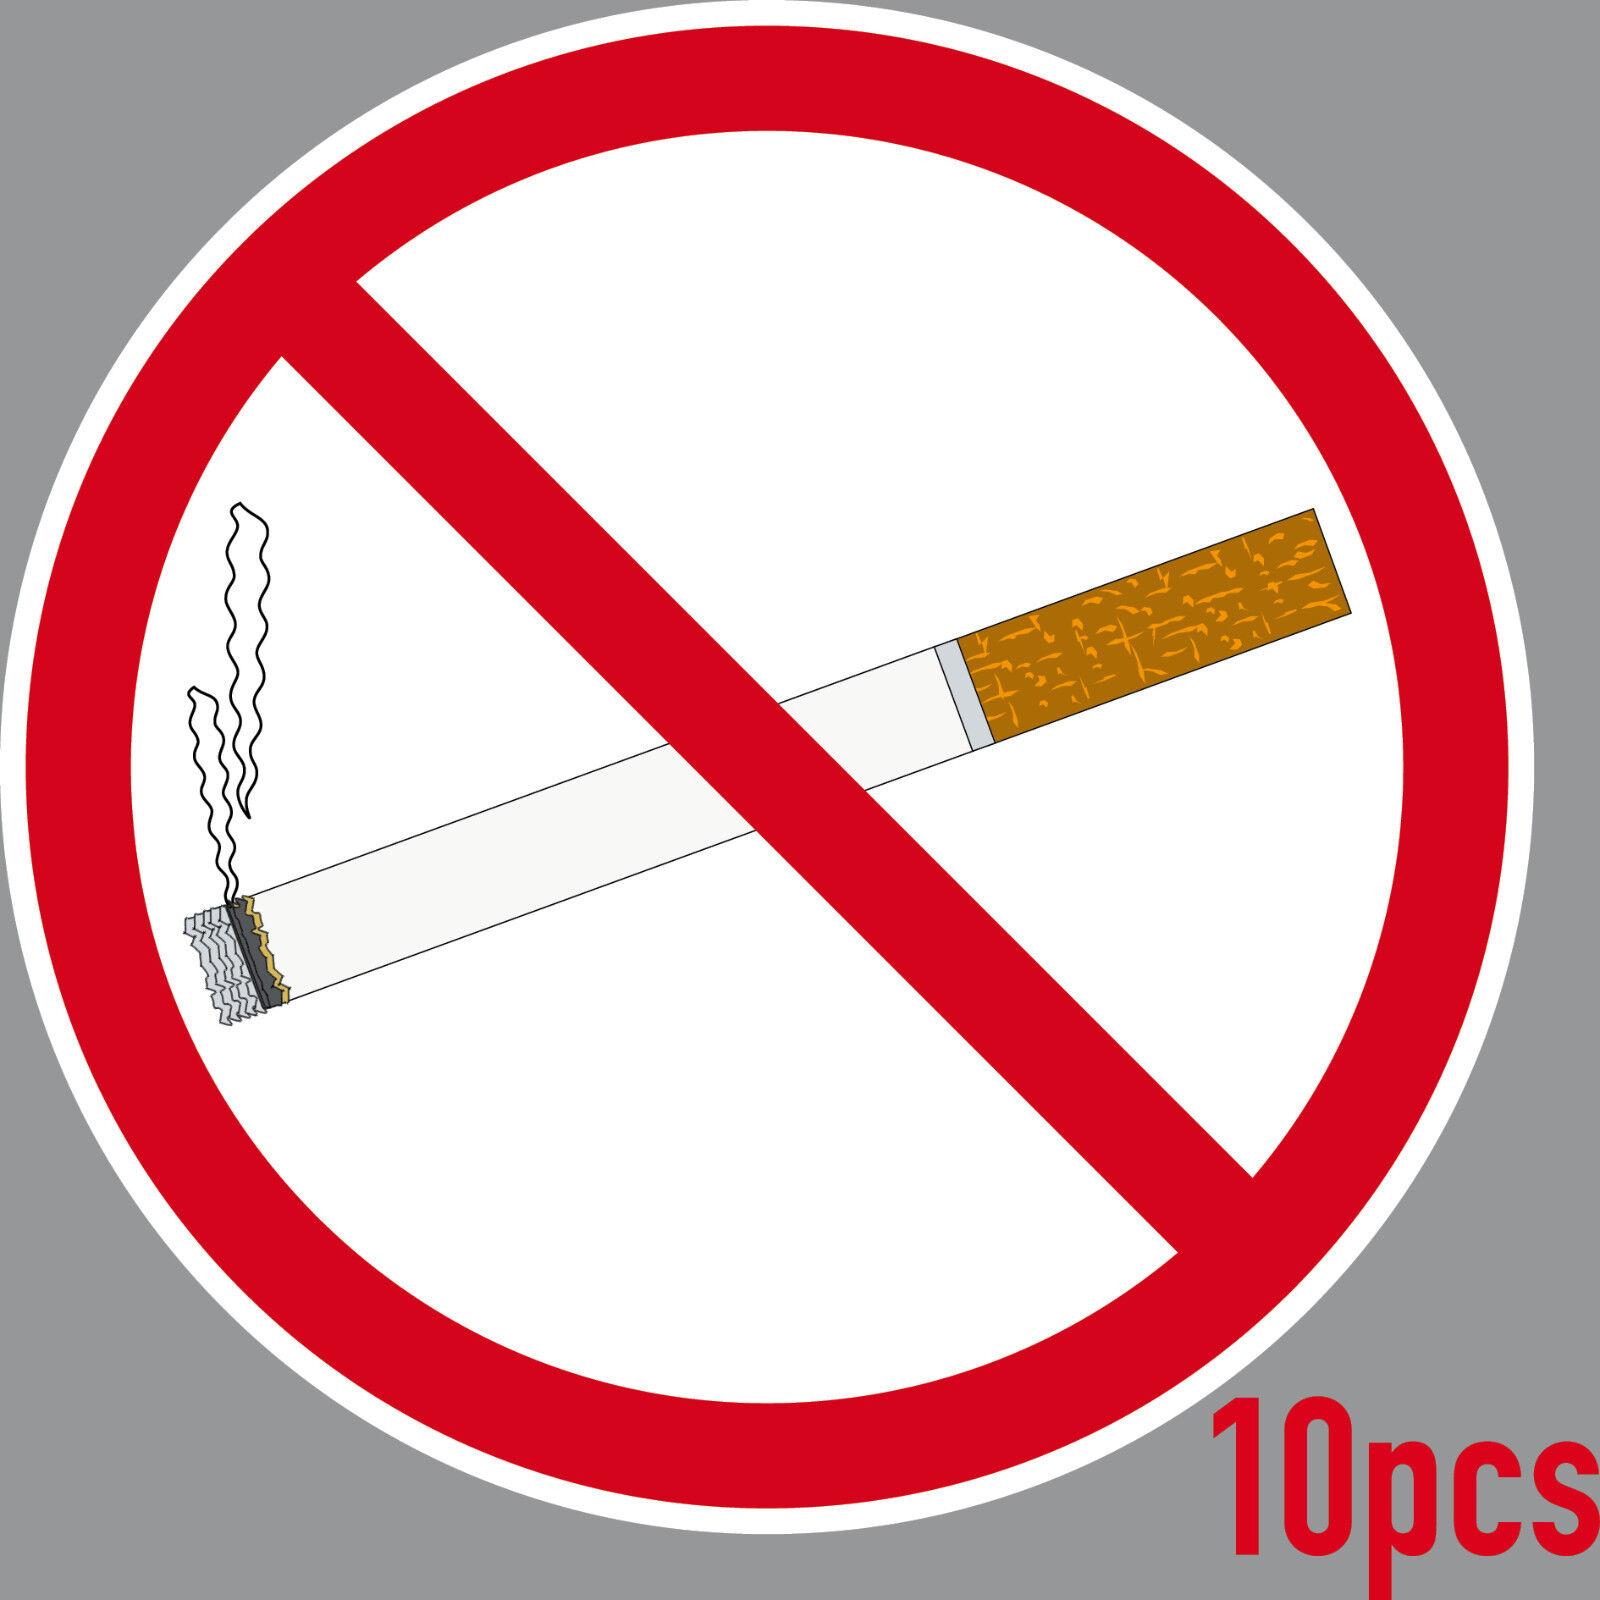 10 aufkleber 15cm sticker rauchen verboten nichtraucher rauchverbot warn schild kaufen bei. Black Bedroom Furniture Sets. Home Design Ideas